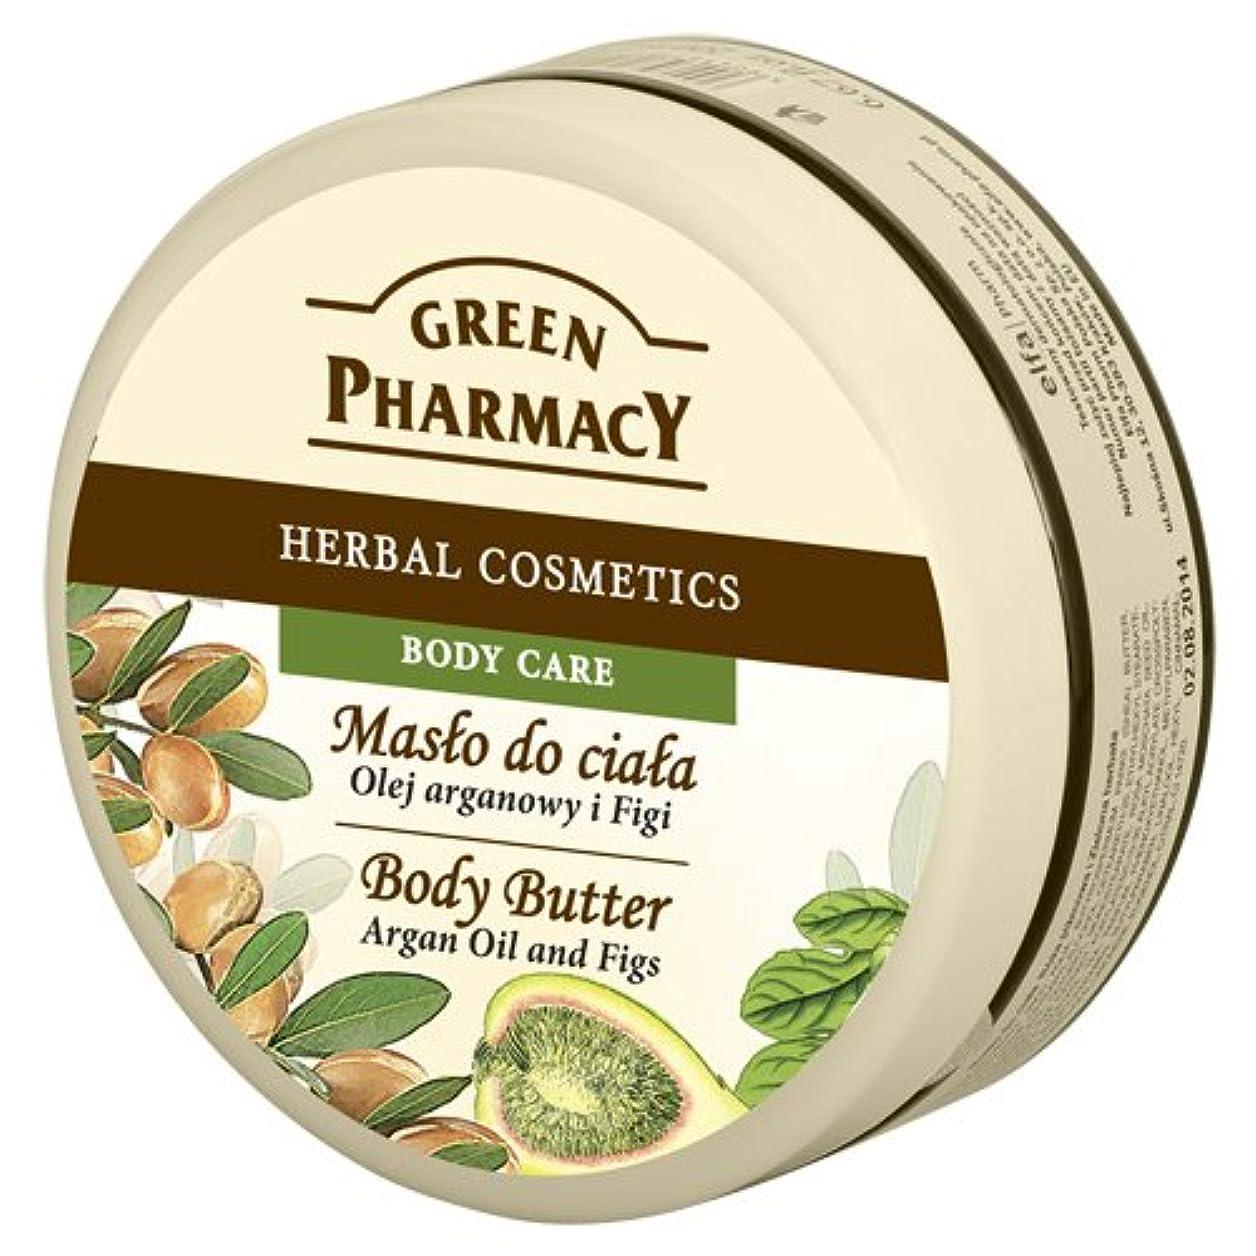 教授アサート神経衰弱Elfa Pharm Green Pharmacy グリーンファーマシー Body Butter ボディバター Argan Oil and Figs